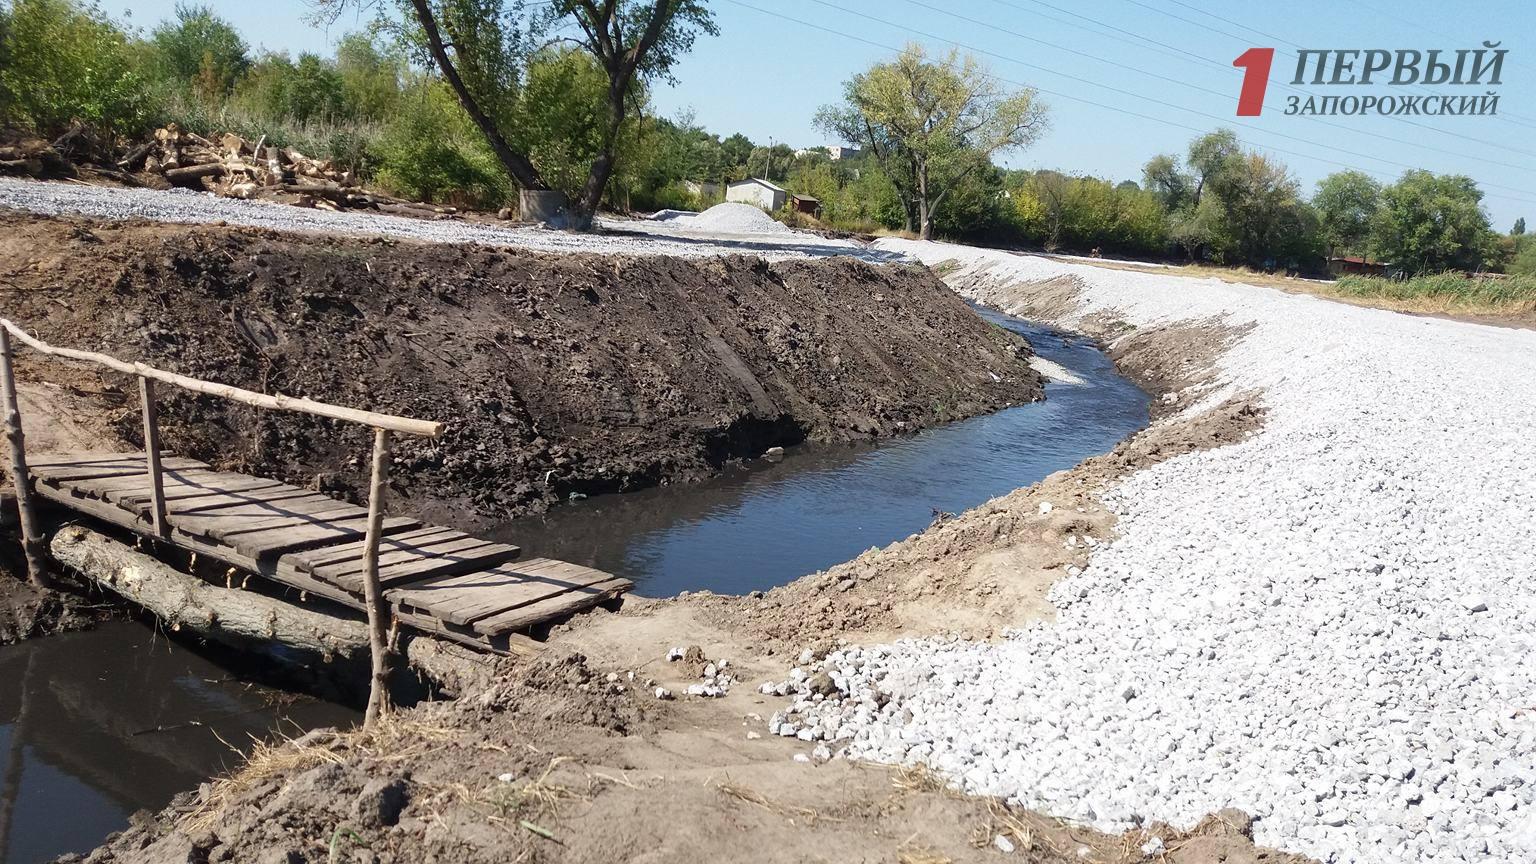 Запорожские депутаты выделили еще 3 миллиона гривен на расчистку реки Верхняя Хортица